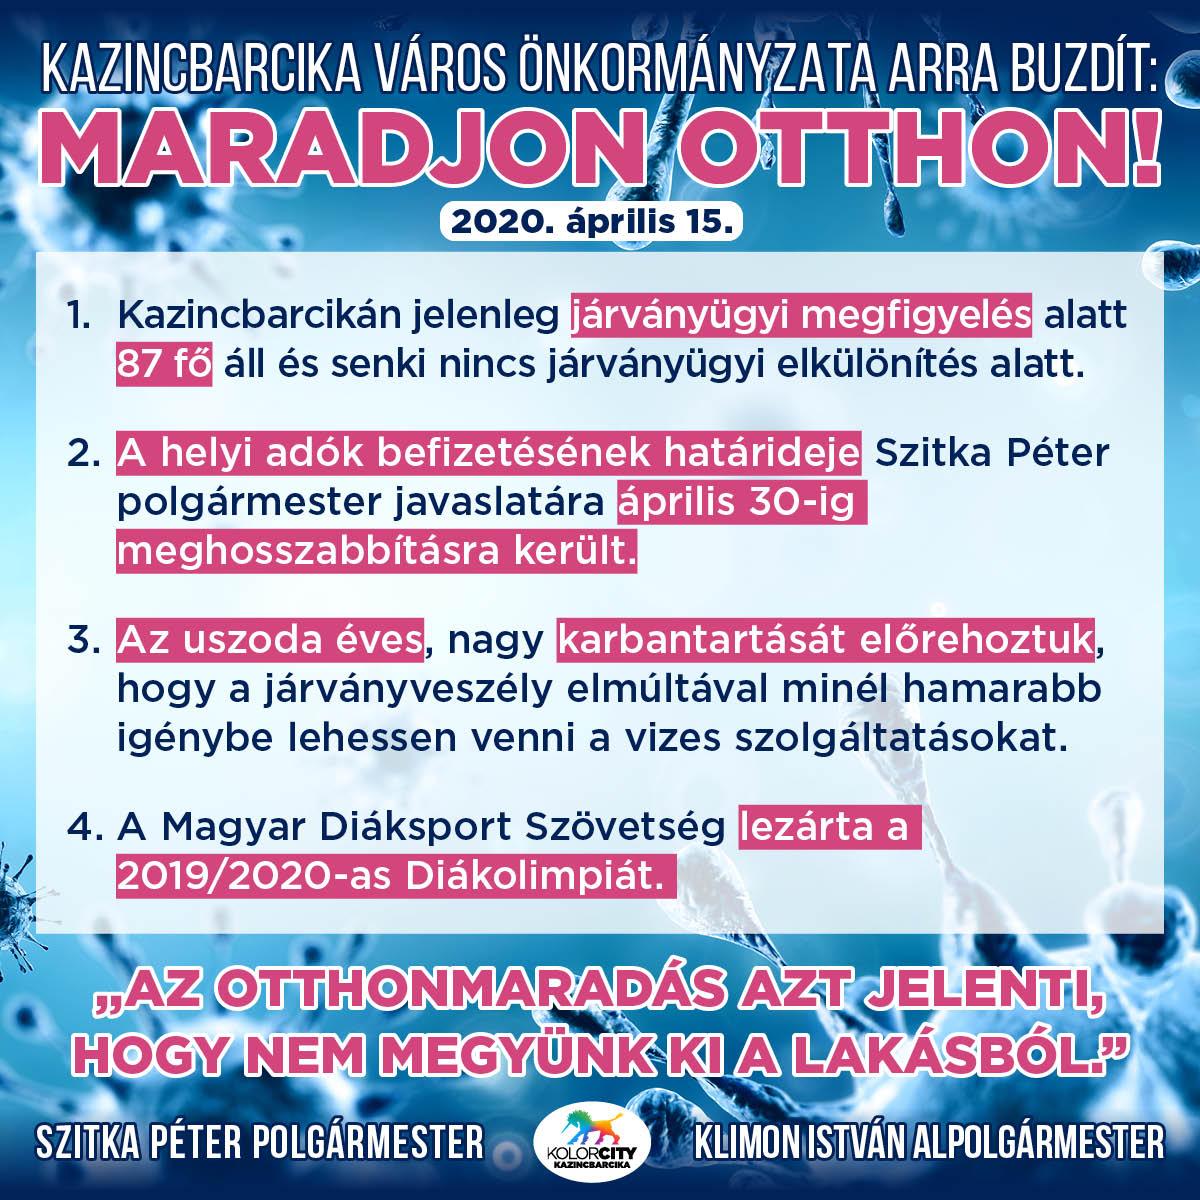 https://kolorline.hu/Kazincbarcika Város Önkormányzata arra buzdít: Maradj otthon! – 2020. április 15.